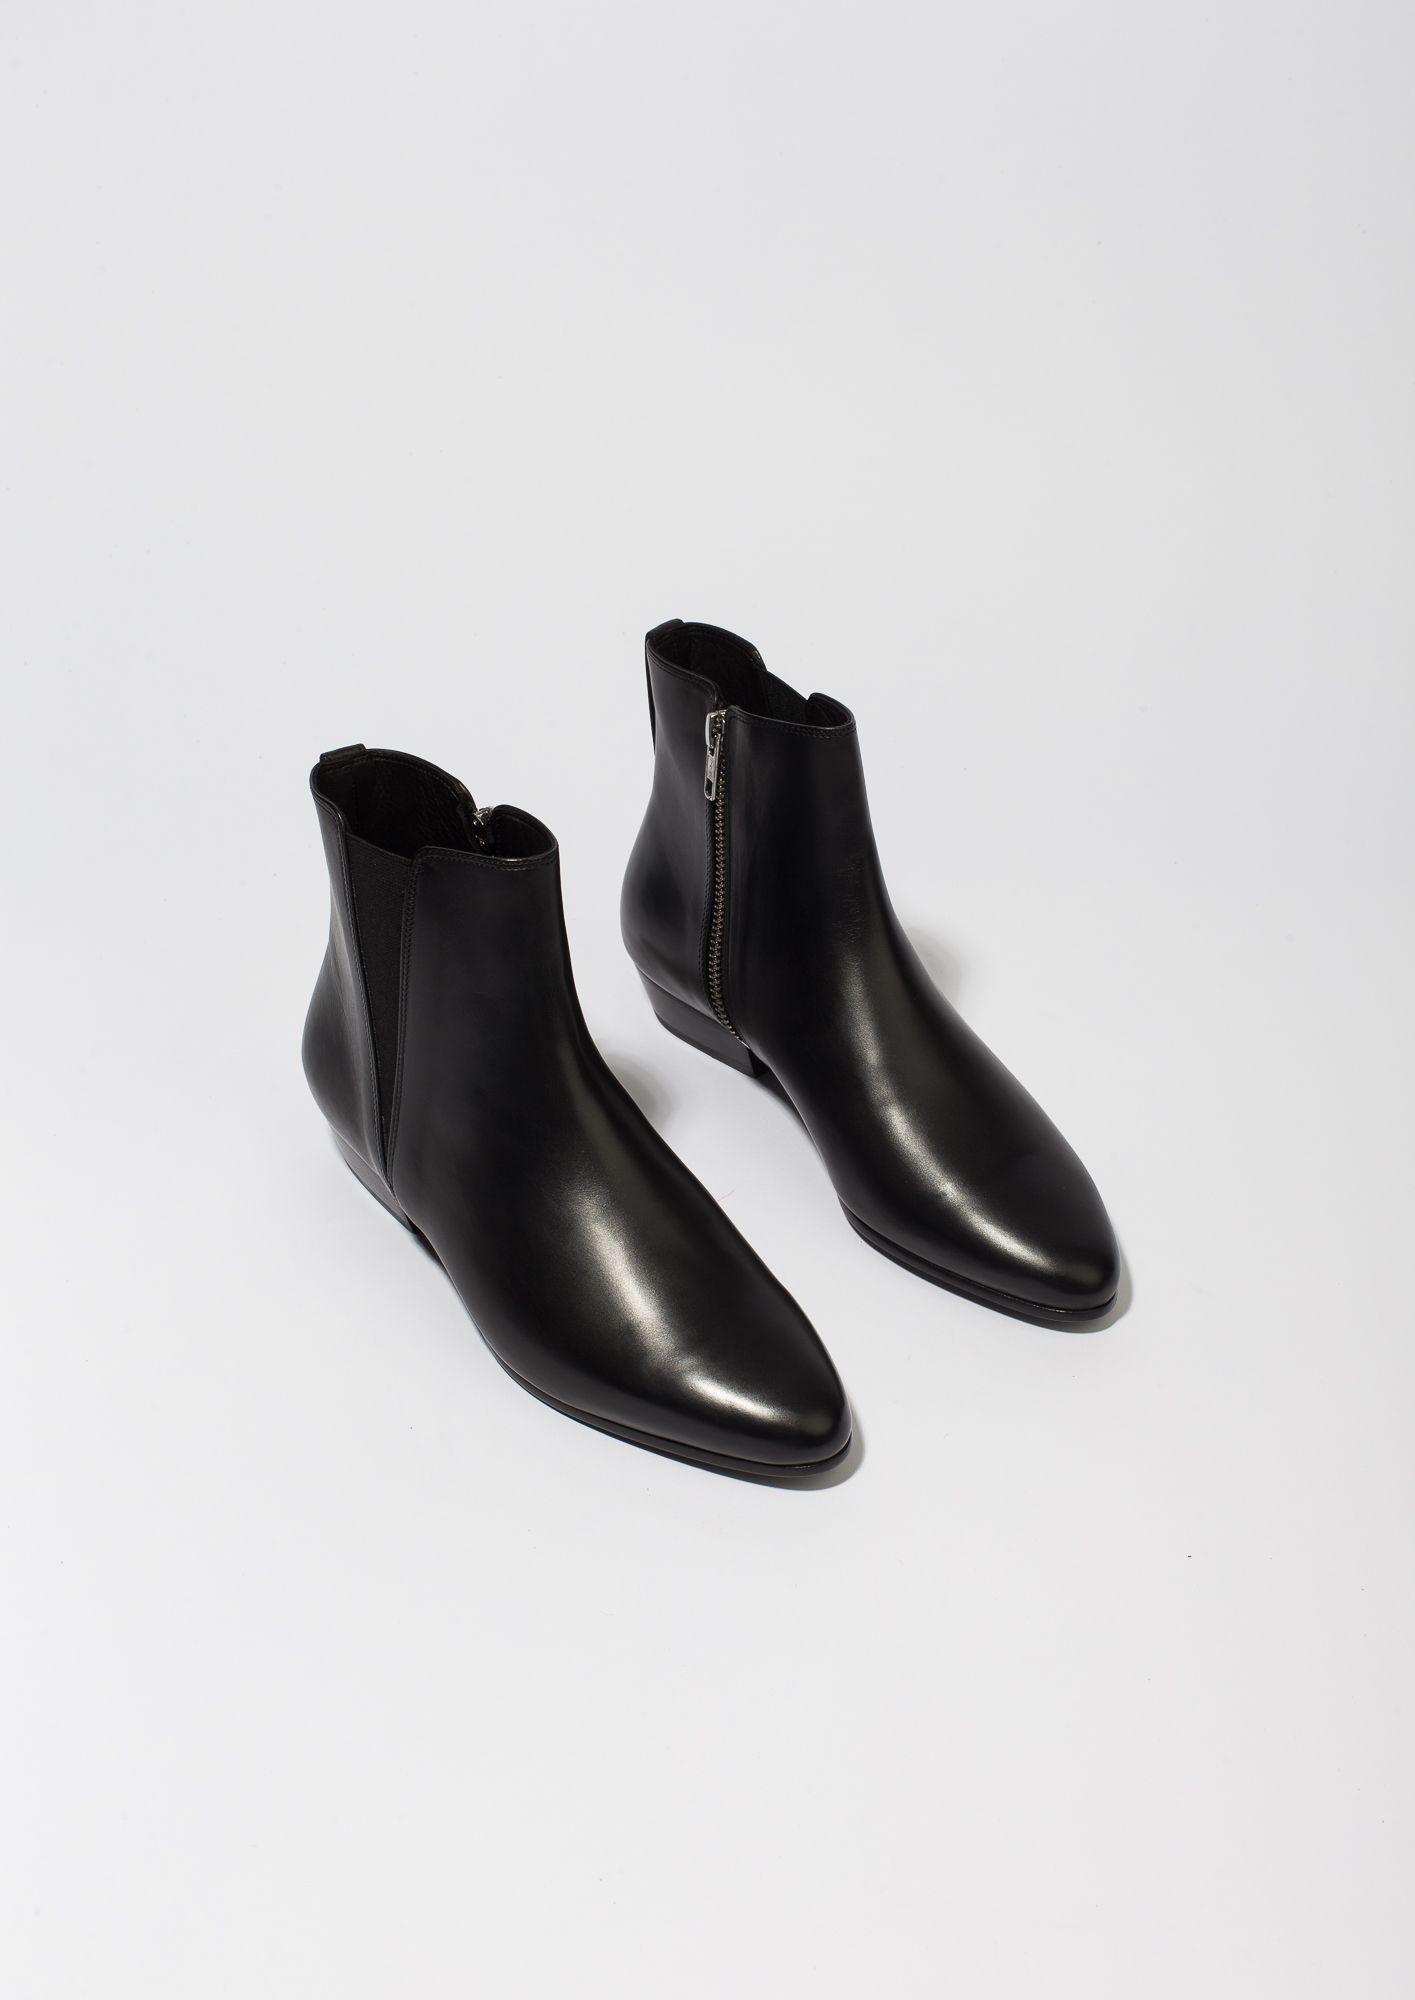 Cuir Noir Chaussures Oxford Avec Île Rivière Nez Classique 1vRTkO